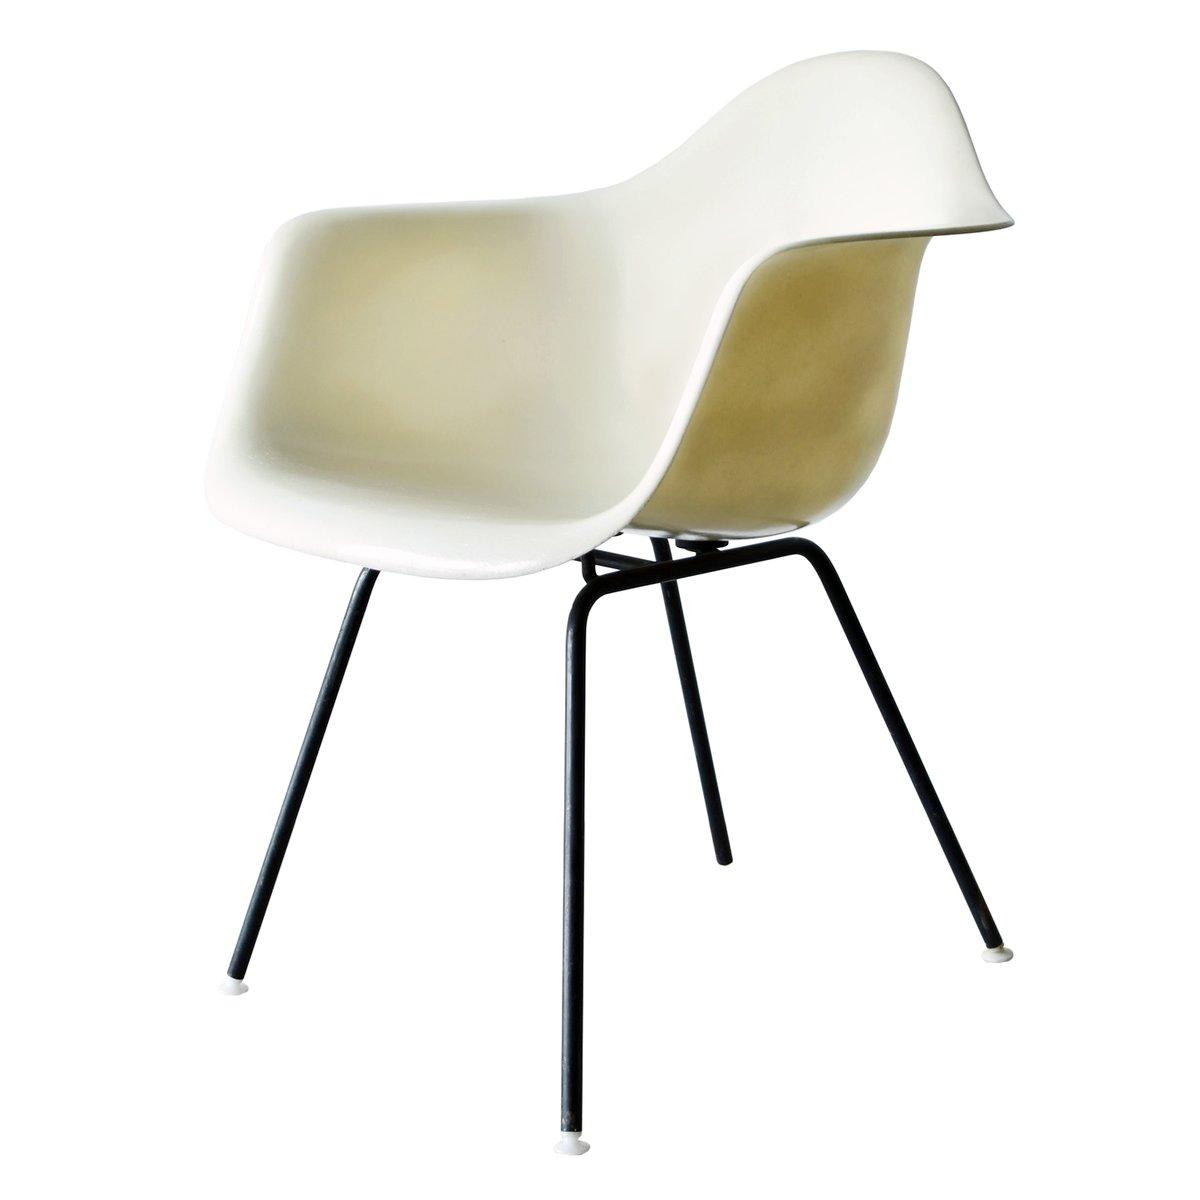 DAX Chair Von Charles Und Ray Eames Für Herman Miller, 1962